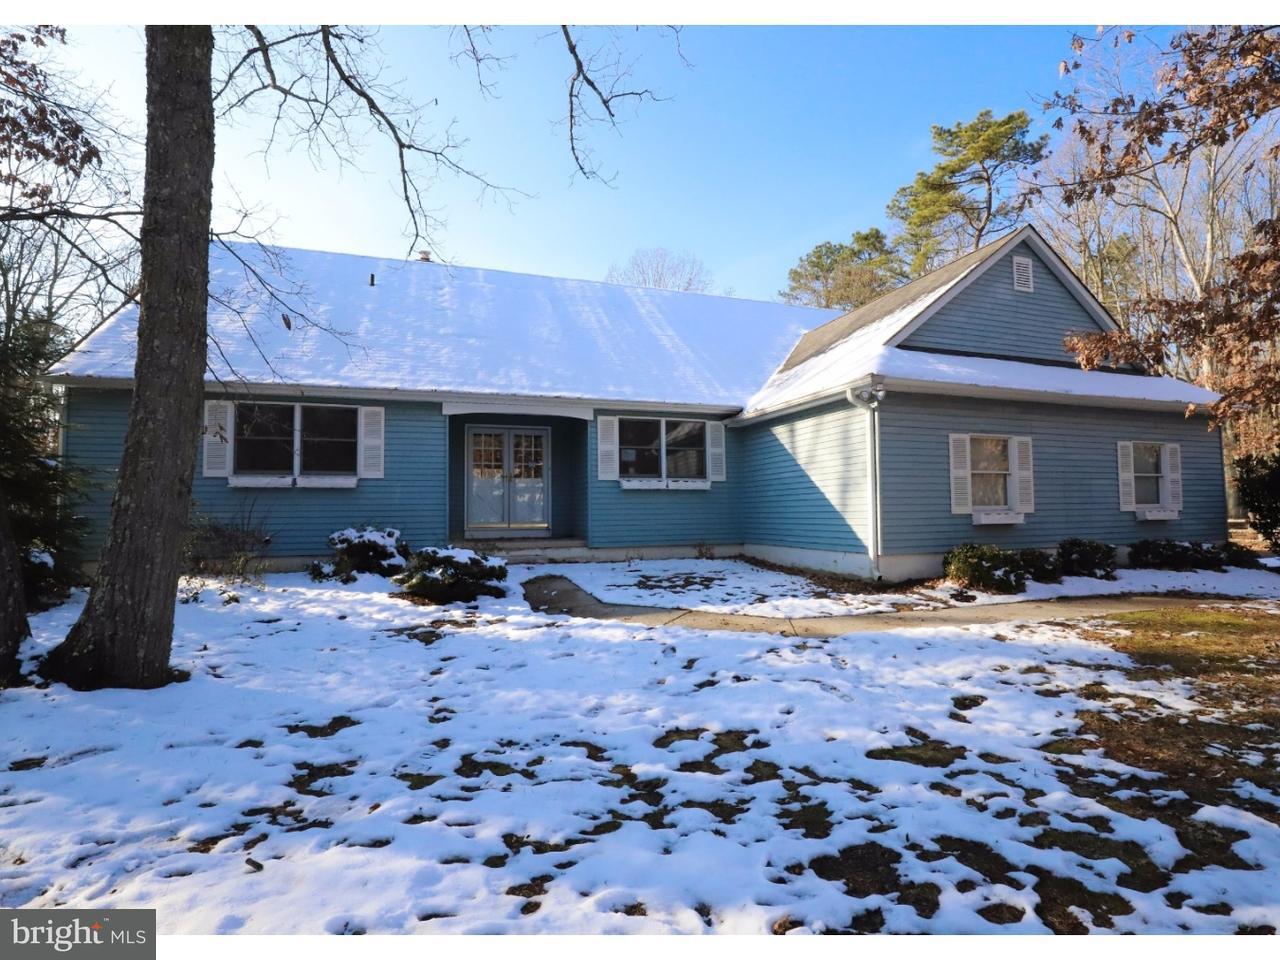 独户住宅 为 销售 在 443 PRICKETTS MILL Road Tabernacle, 新泽西州 08088 美国